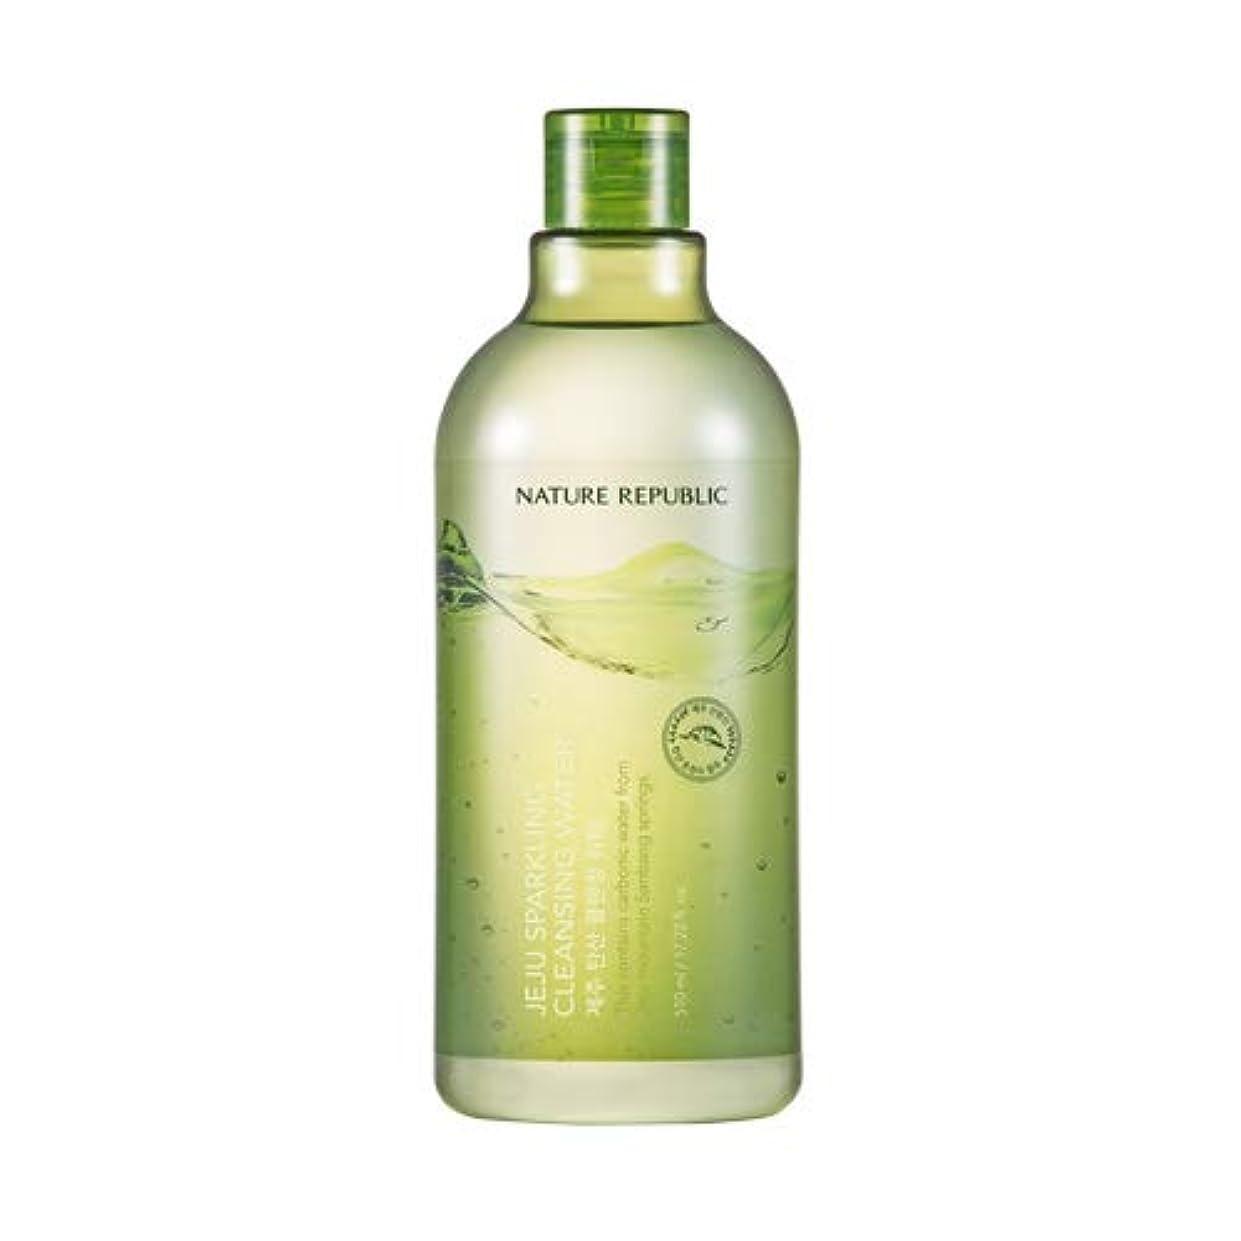 気性ホイットニーカートリッジNature republic Jeju Sparkling(Carbonic) Cleansing Water ネイチャーリパブリック済州炭酸クレンジングウォーター 510ml [並行輸入品]